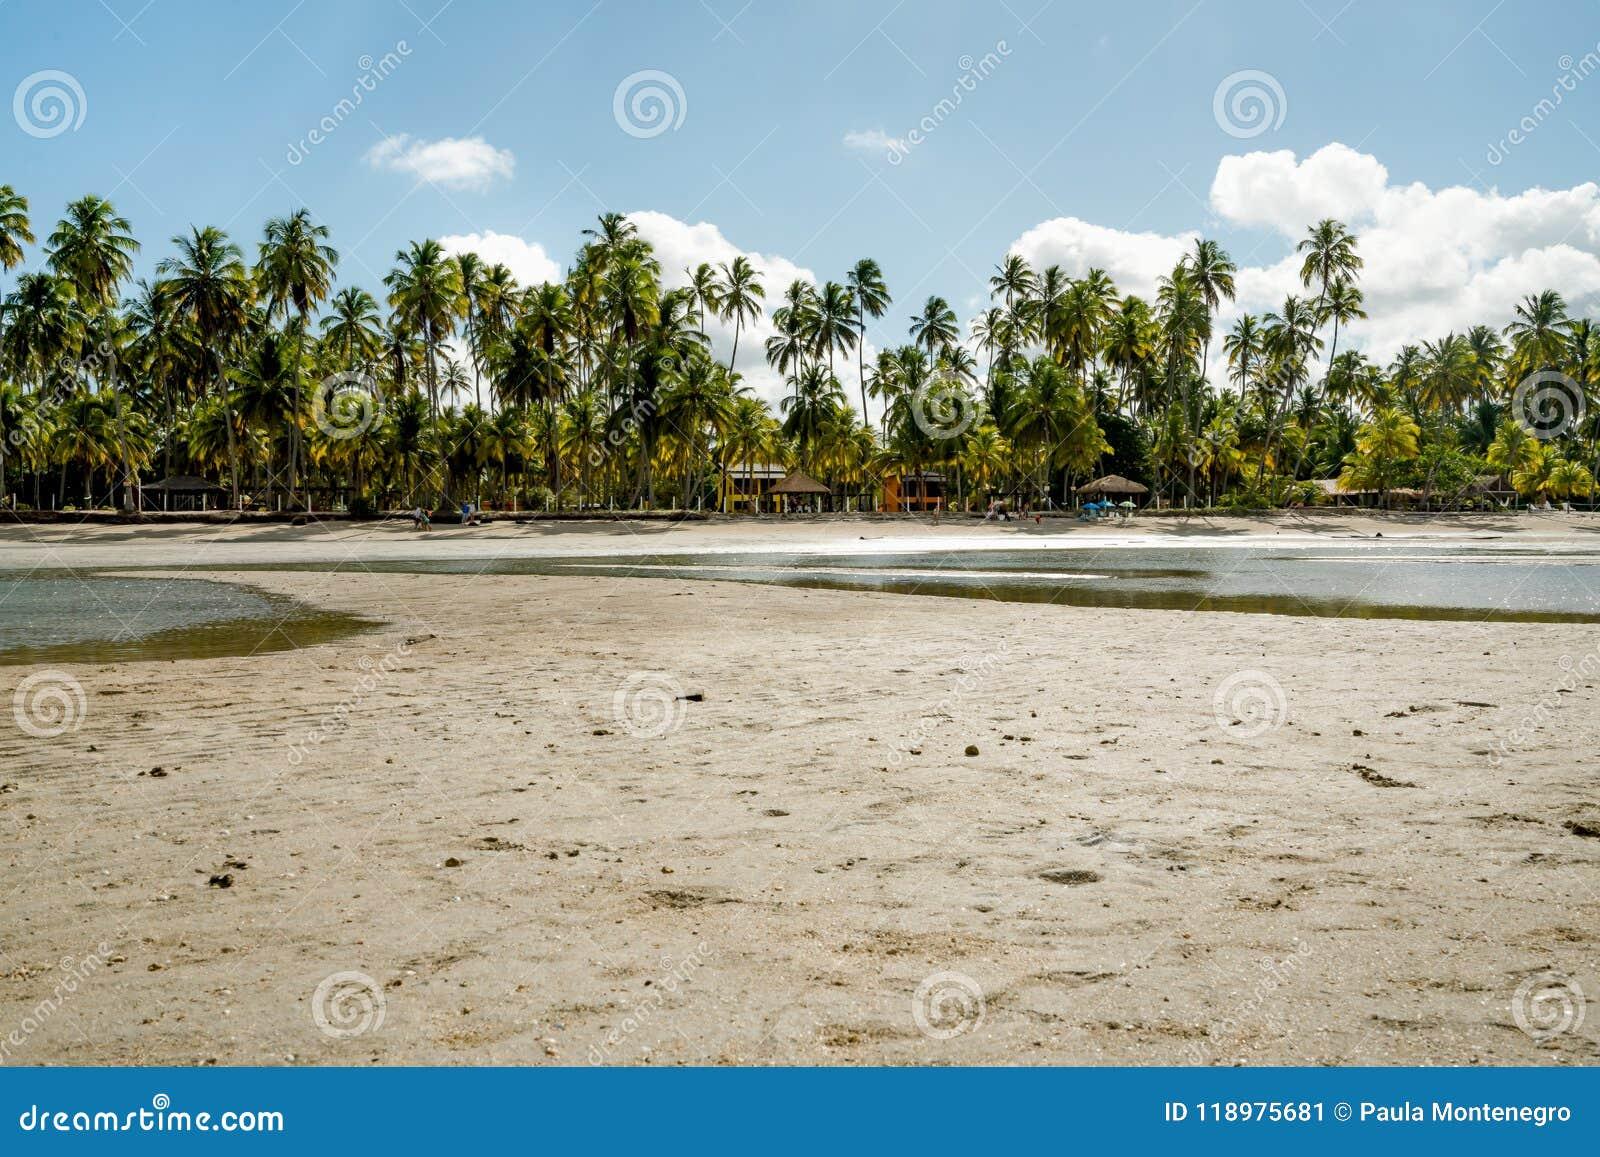 Dia ensolarado bonito com palmas e reflexões da água no paraíso